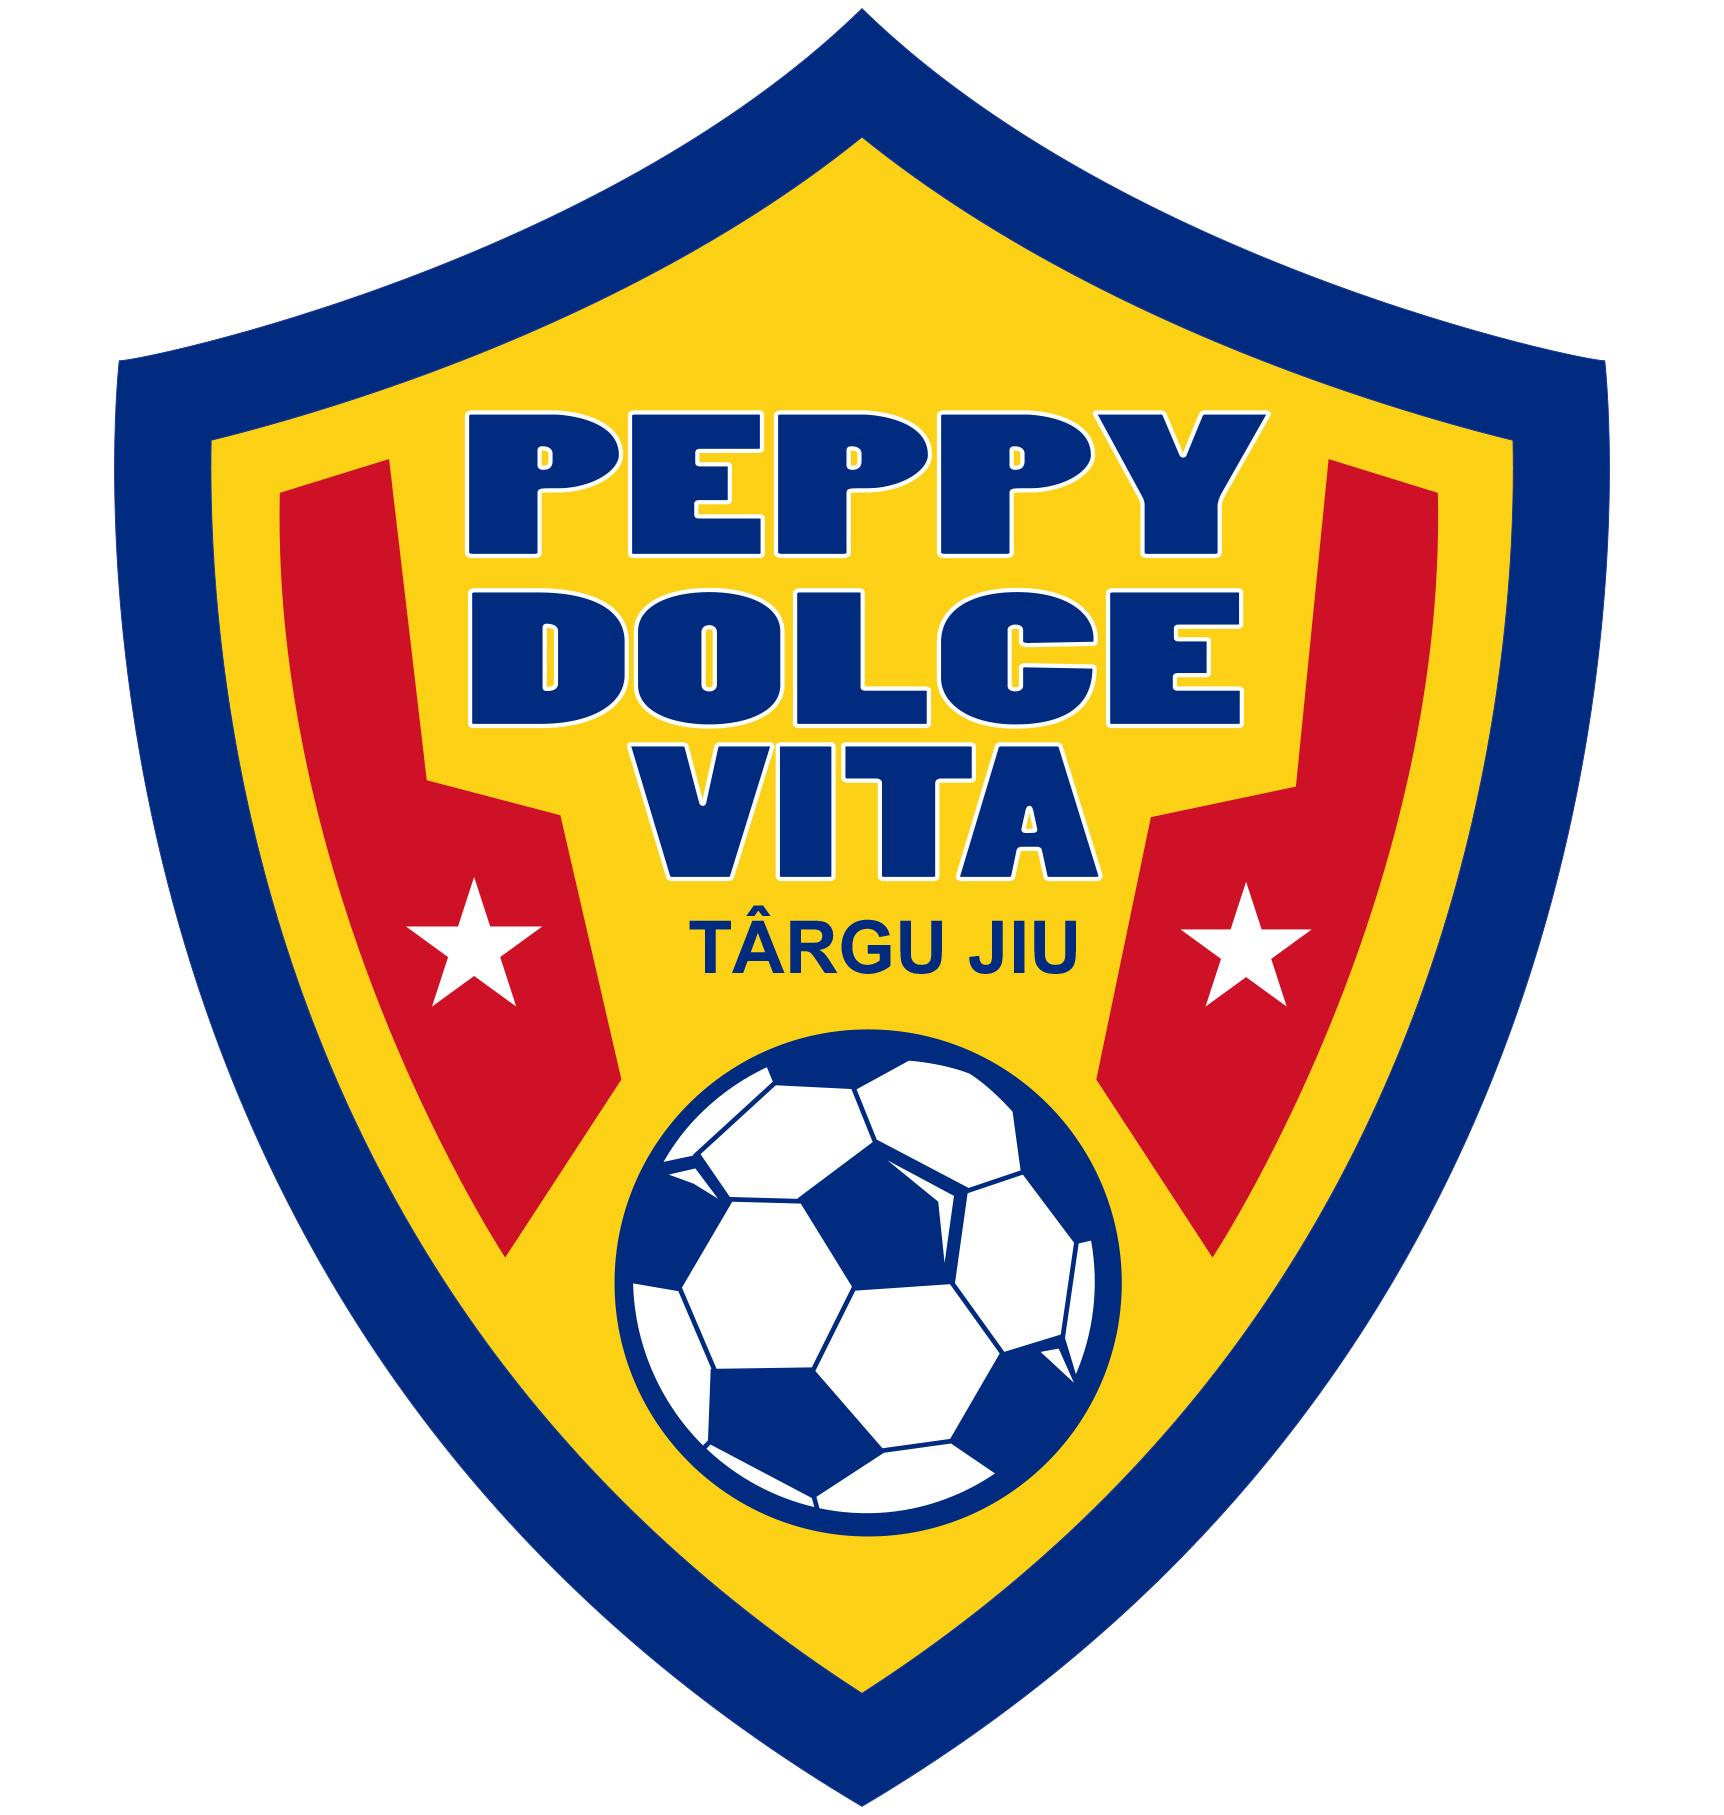 Peppy Dolce Vita Târgu Jiu